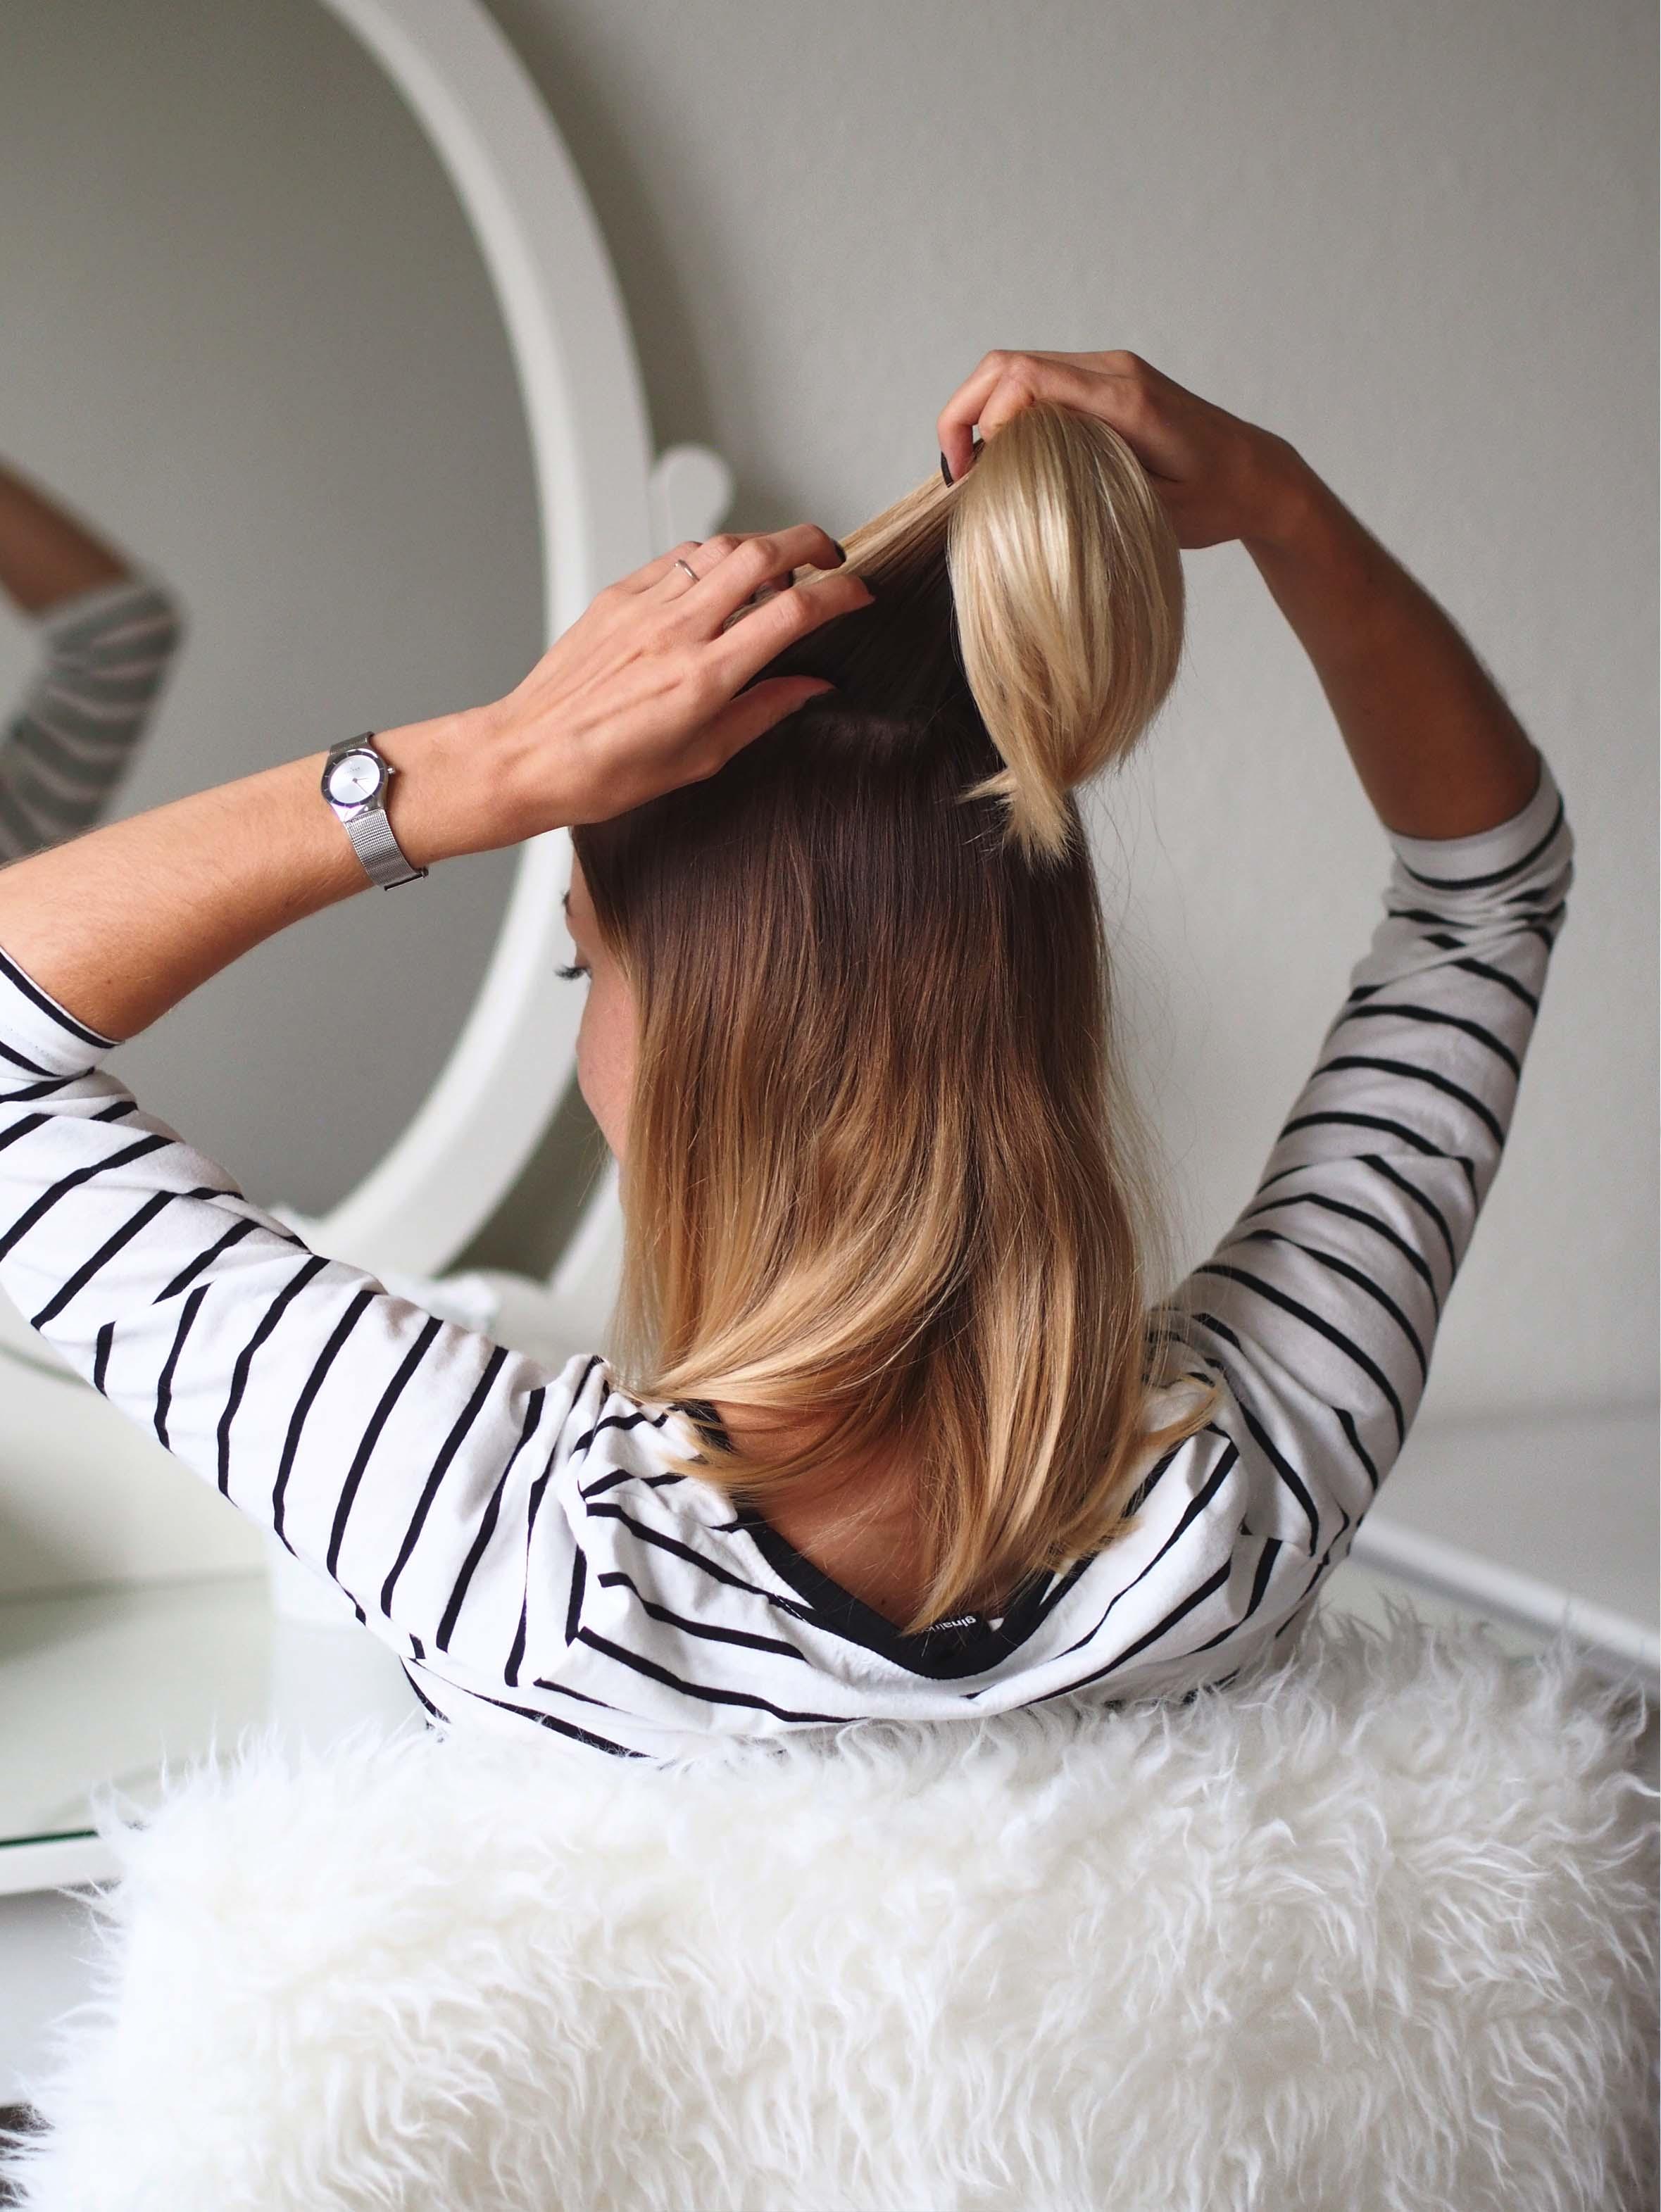 Półdługie Włosy 4 Pomysły Na Proste Fryzury Simplifepl